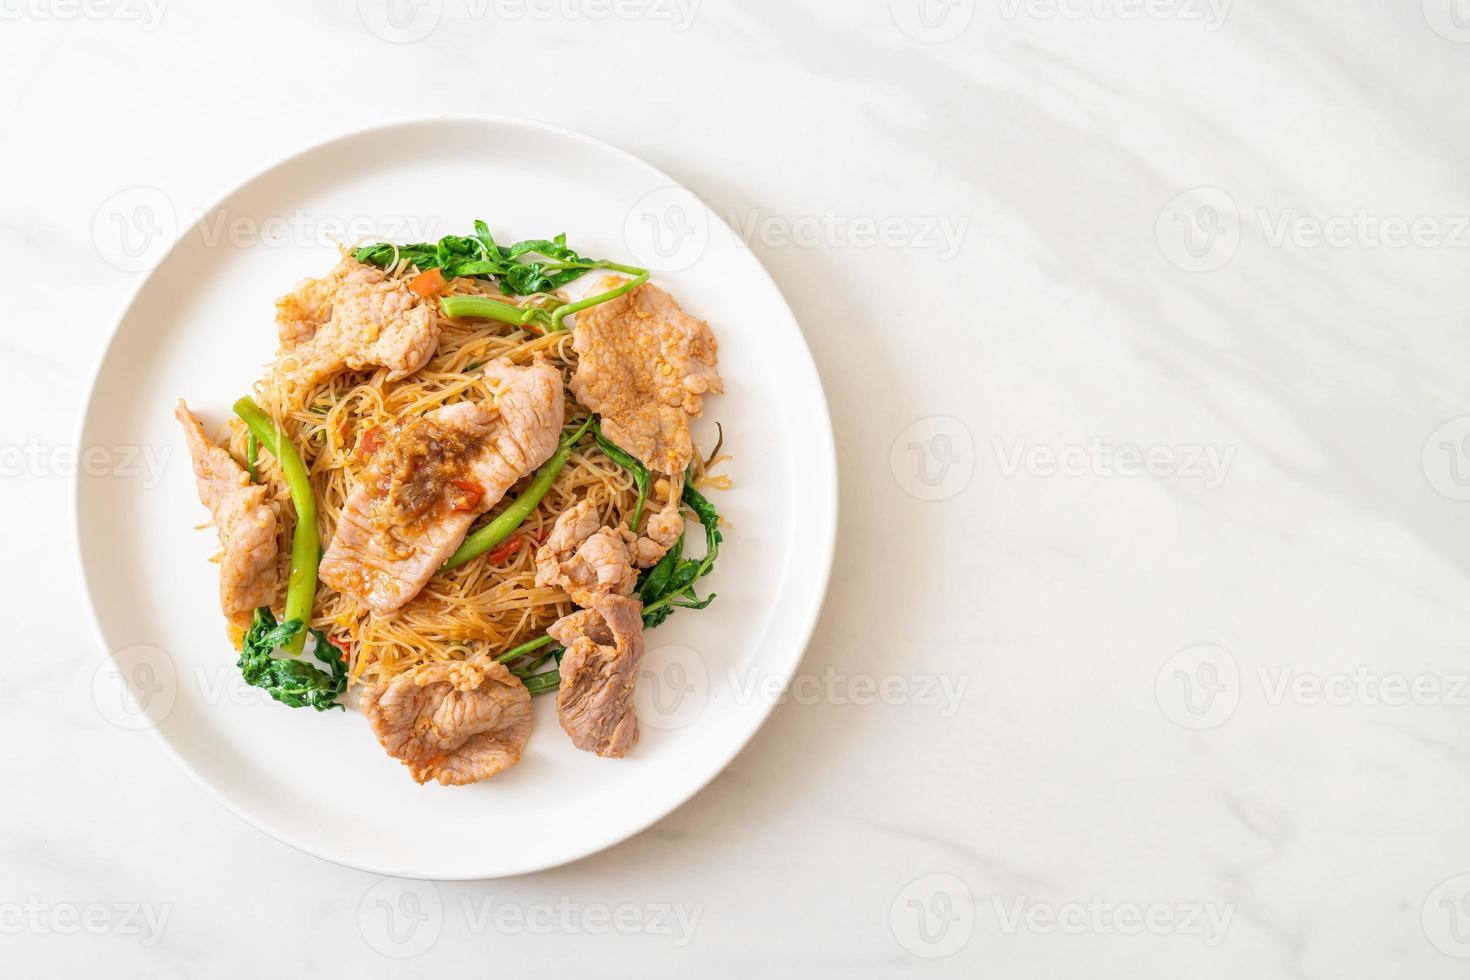 vermicelles de riz sautés et mimosa d'eau au porc photo